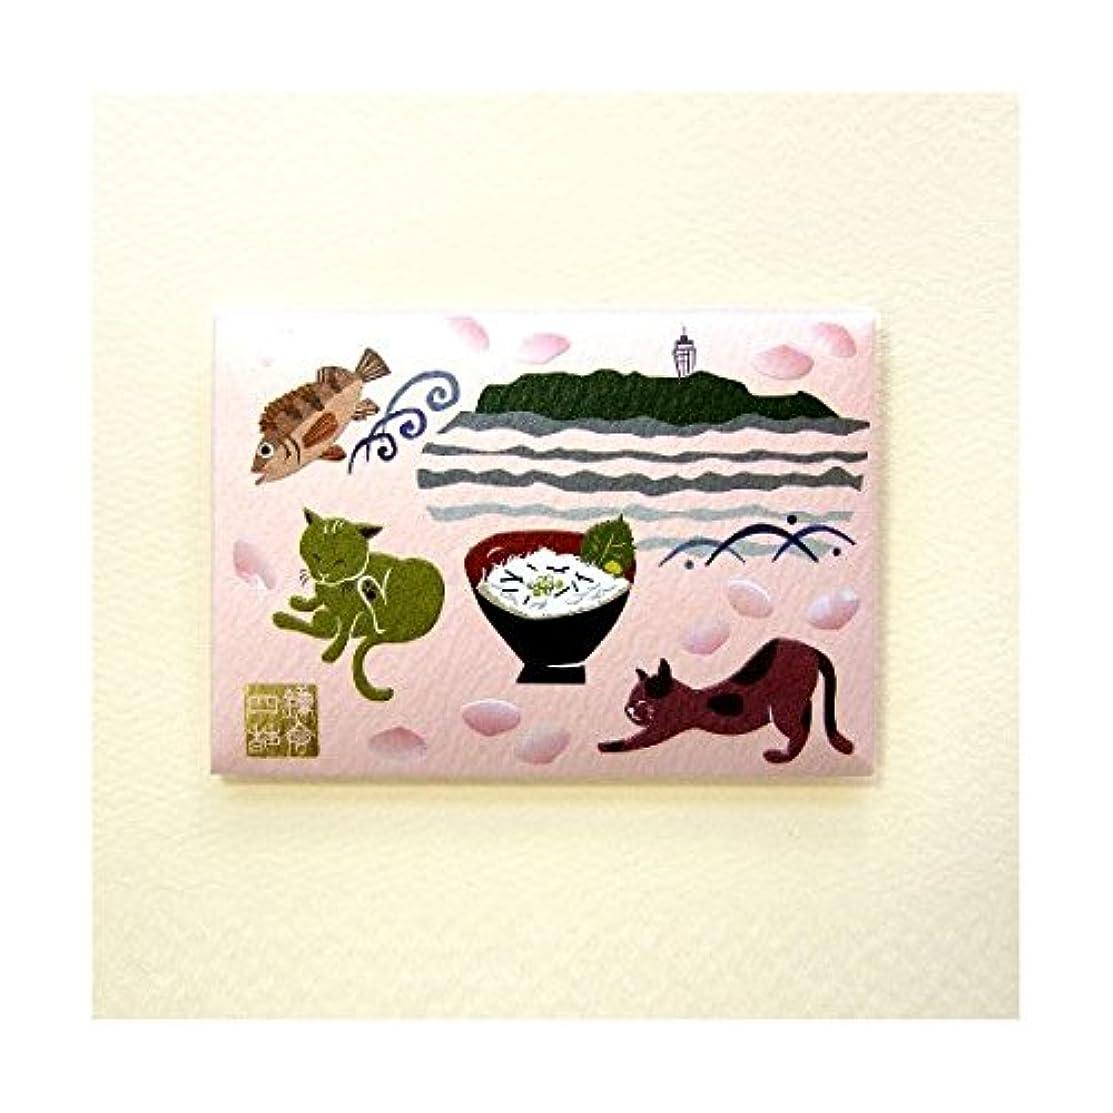 収益通知俳優散策シリーズ 「江の島散策」 短冊サイズ